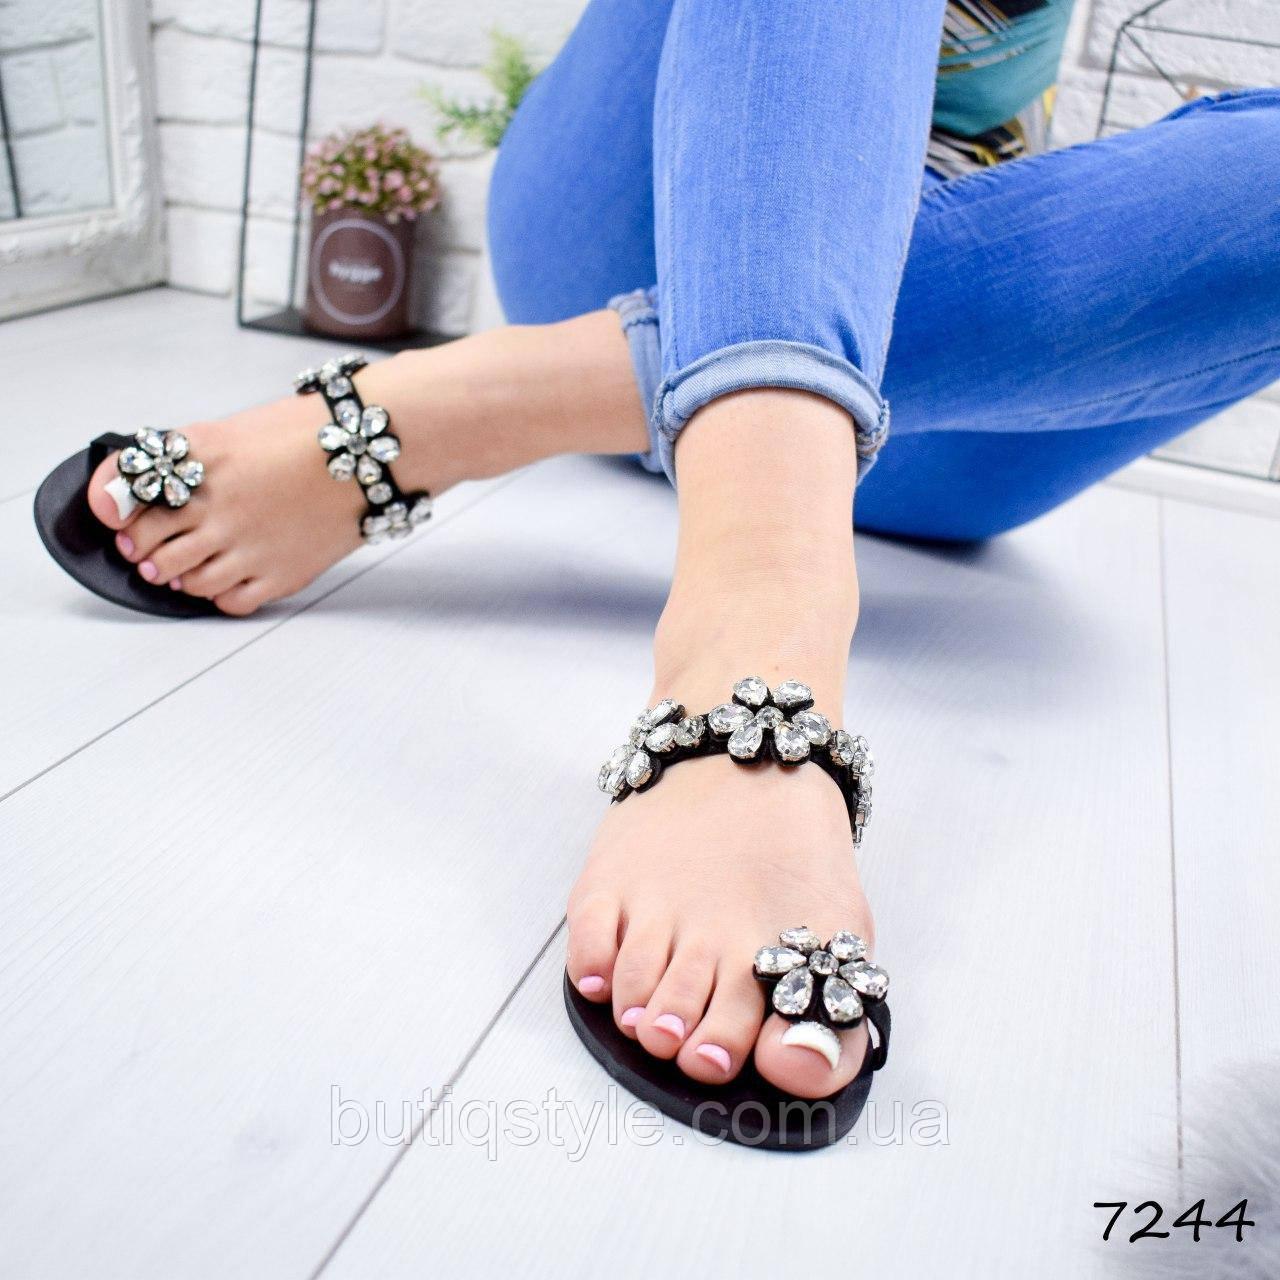 36, 37 размер Шлепки женские черные со стразами экозамш